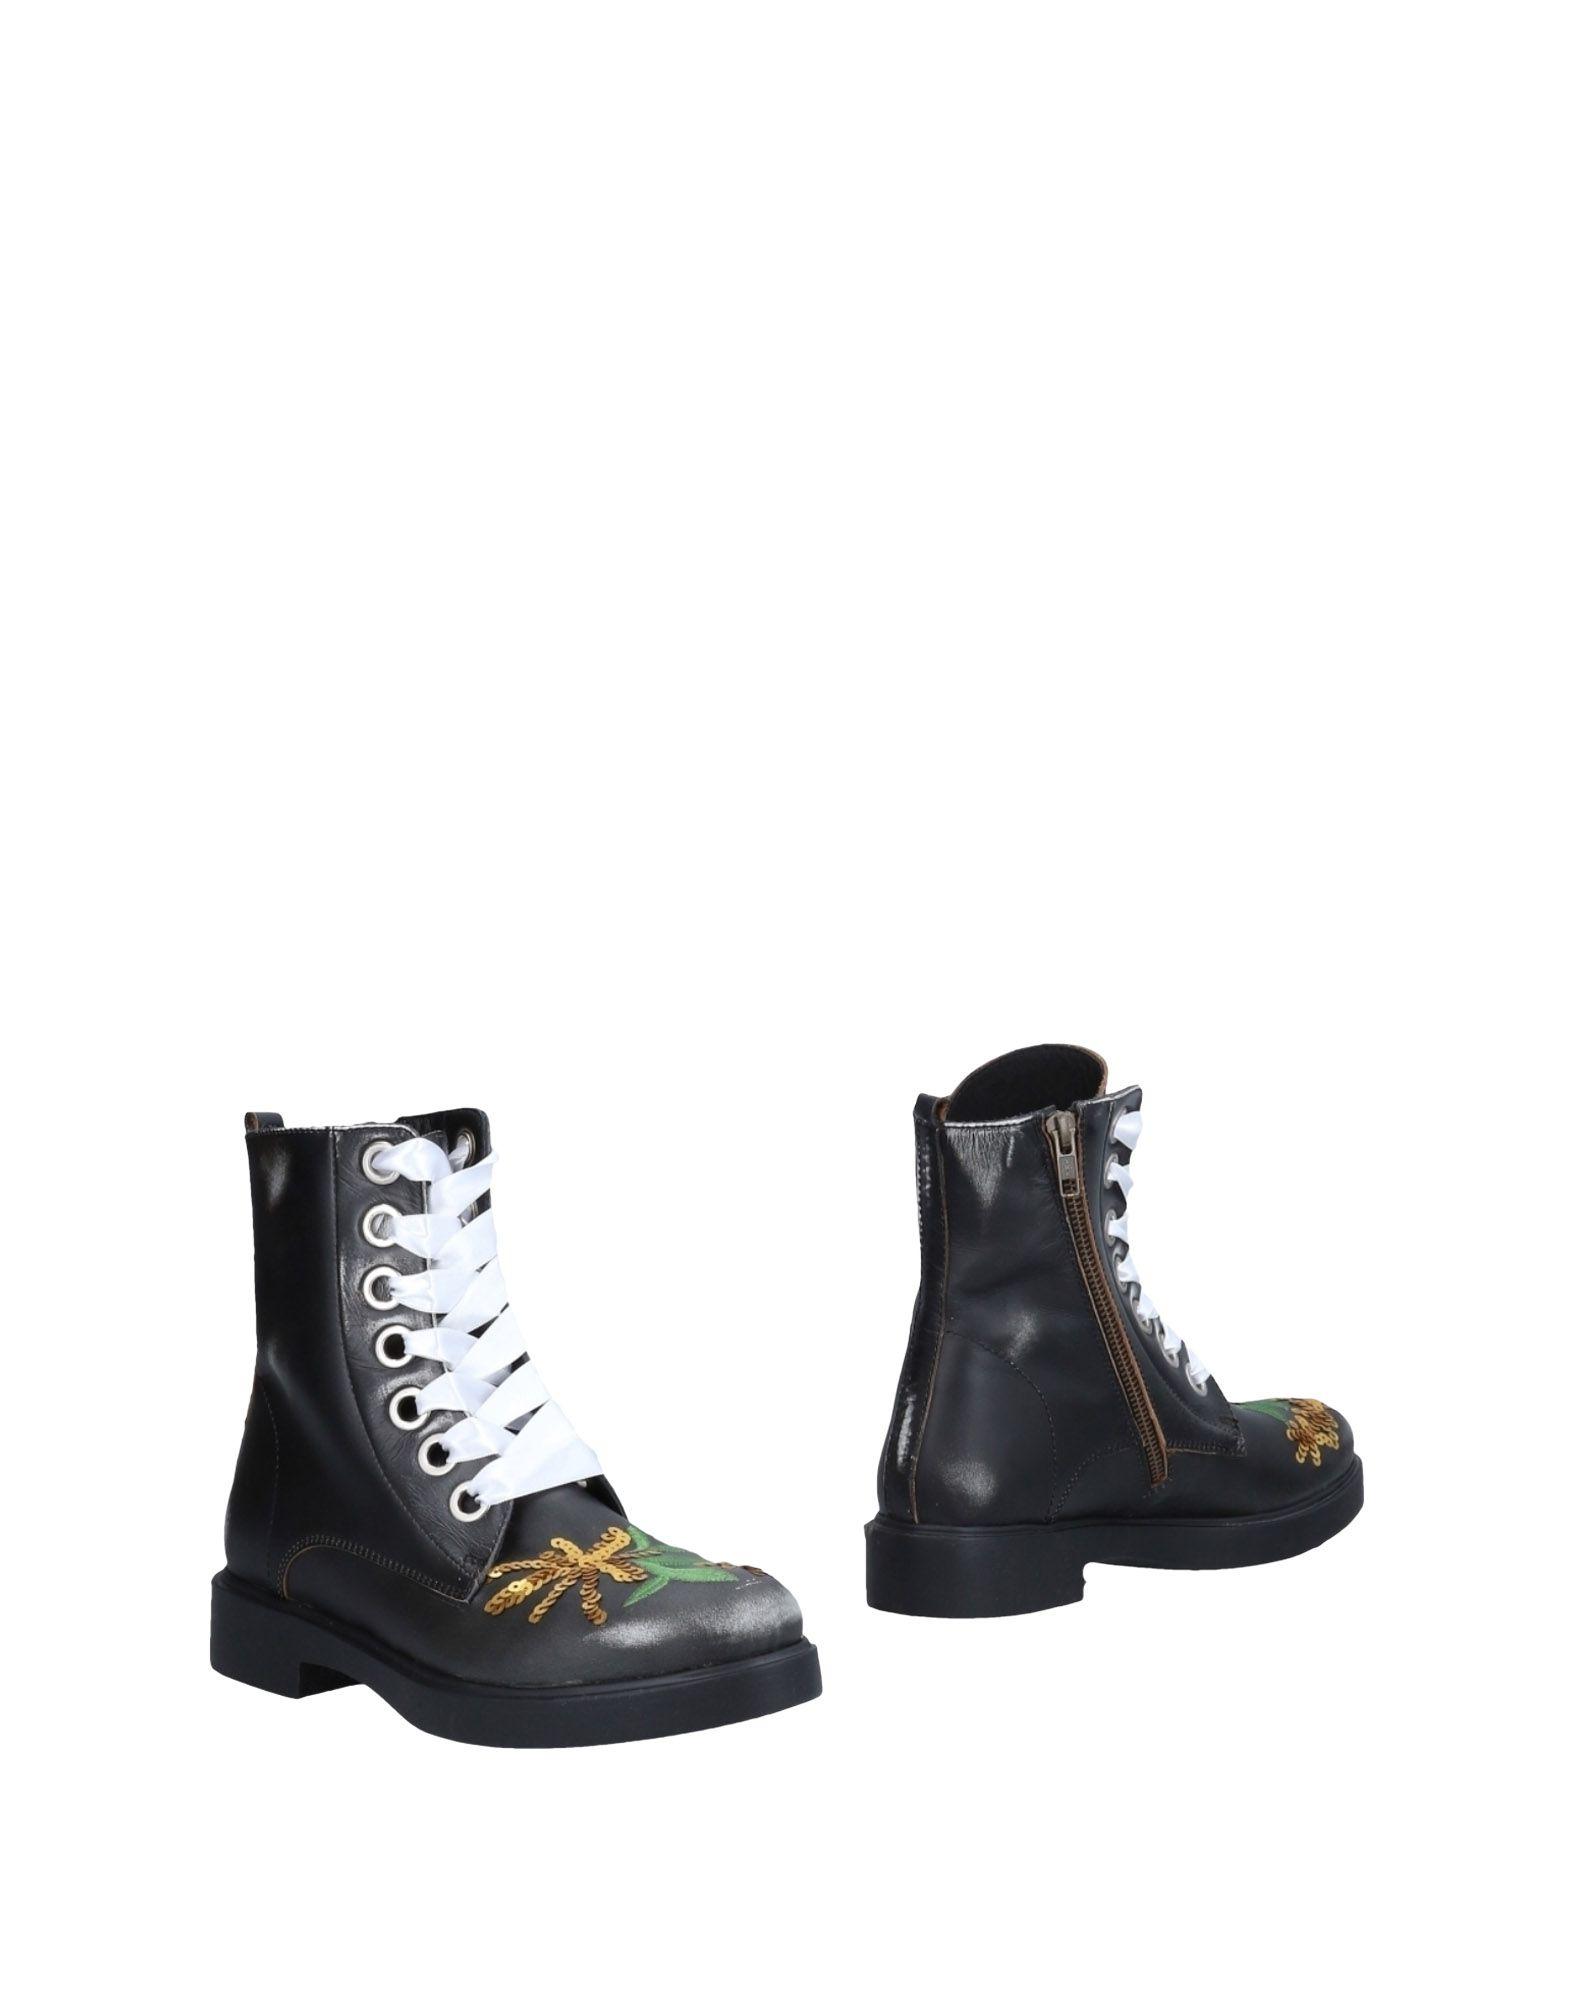 Alexander Hotto Stiefelette strapazierfähige Damen  11486478INGut aussehende strapazierfähige Stiefelette Schuhe 5fa399